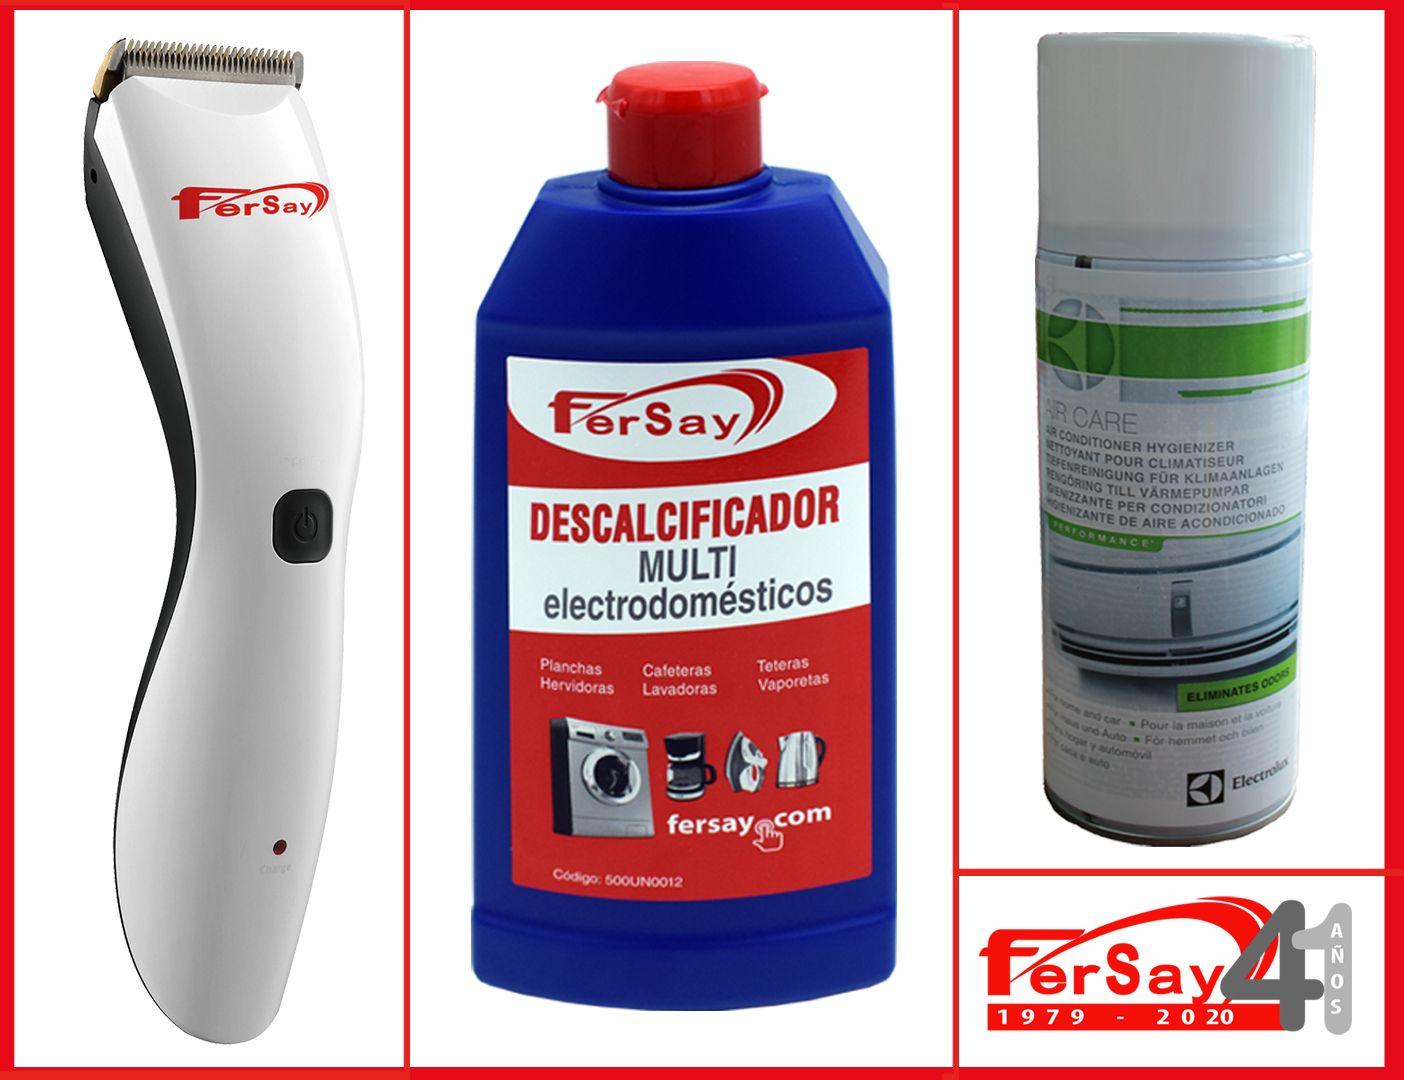 Fersay hace balance de los productos top ventas durante el confinamiento